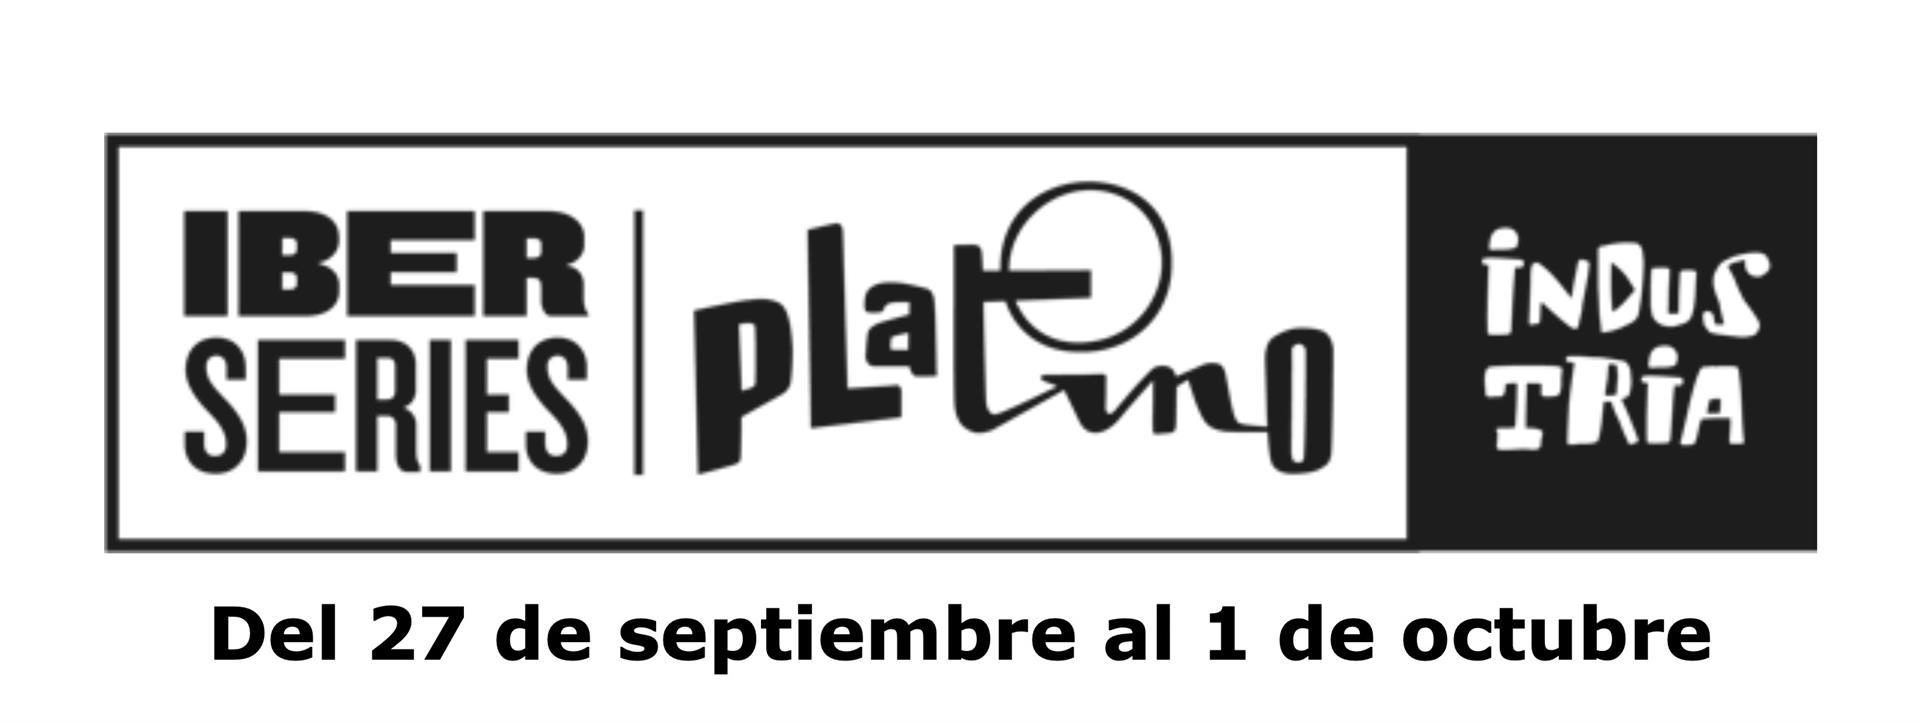 Iberseries Platino Industria, la mayor cita del audiovisual iberoamericano, arranca el lunes en Madrid, con más de 1500 profesionales acreditados, 60 conferencias, 8 estrenos y más de 40 stands.